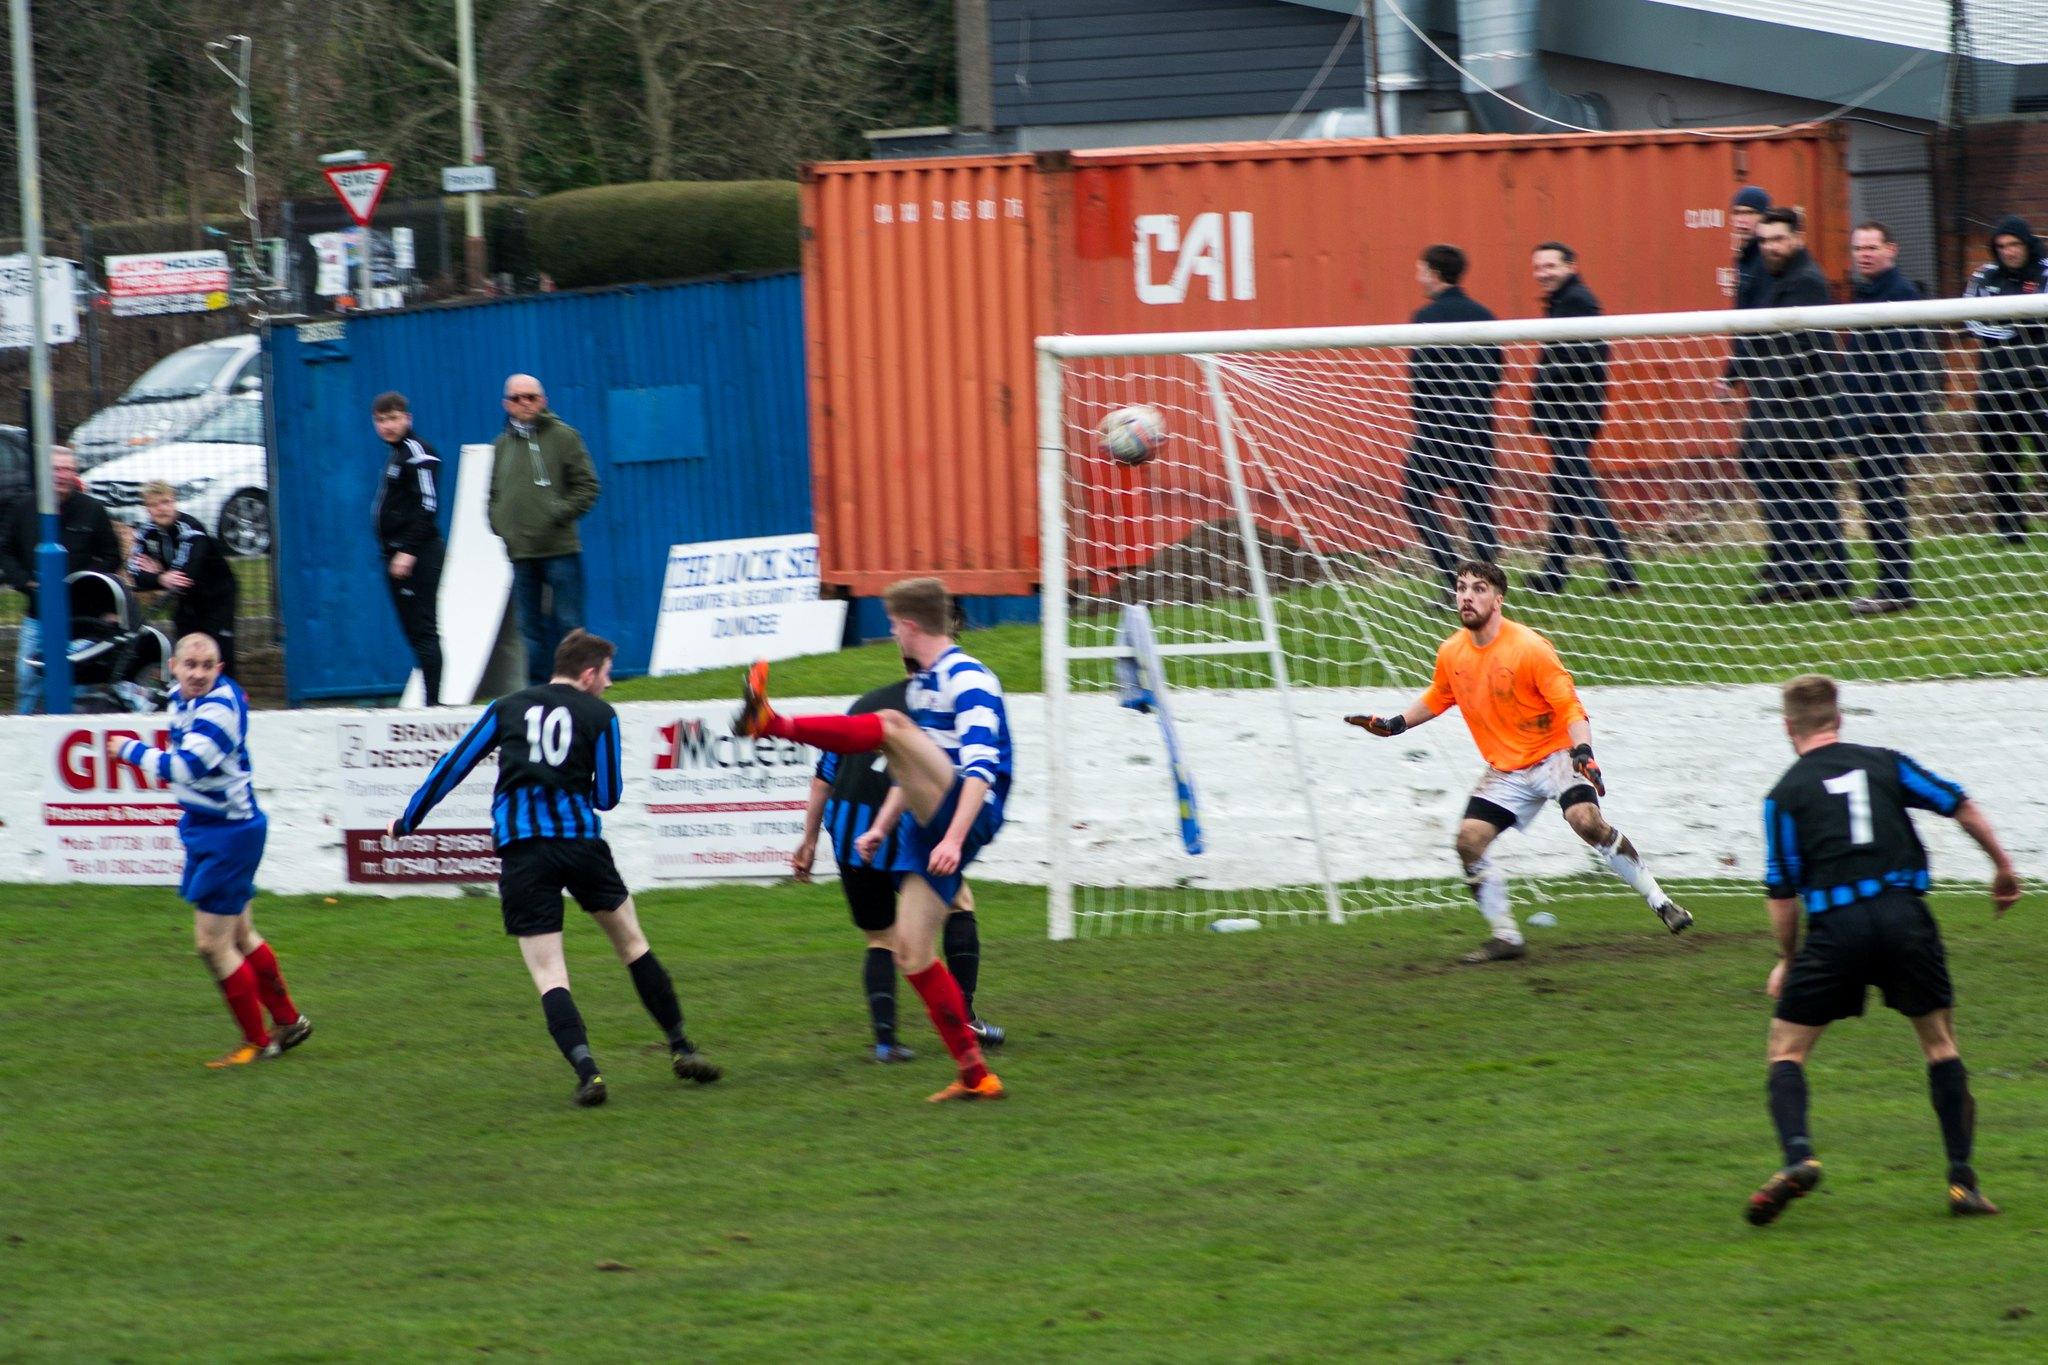 1-2! East Craigie go a goal ahead